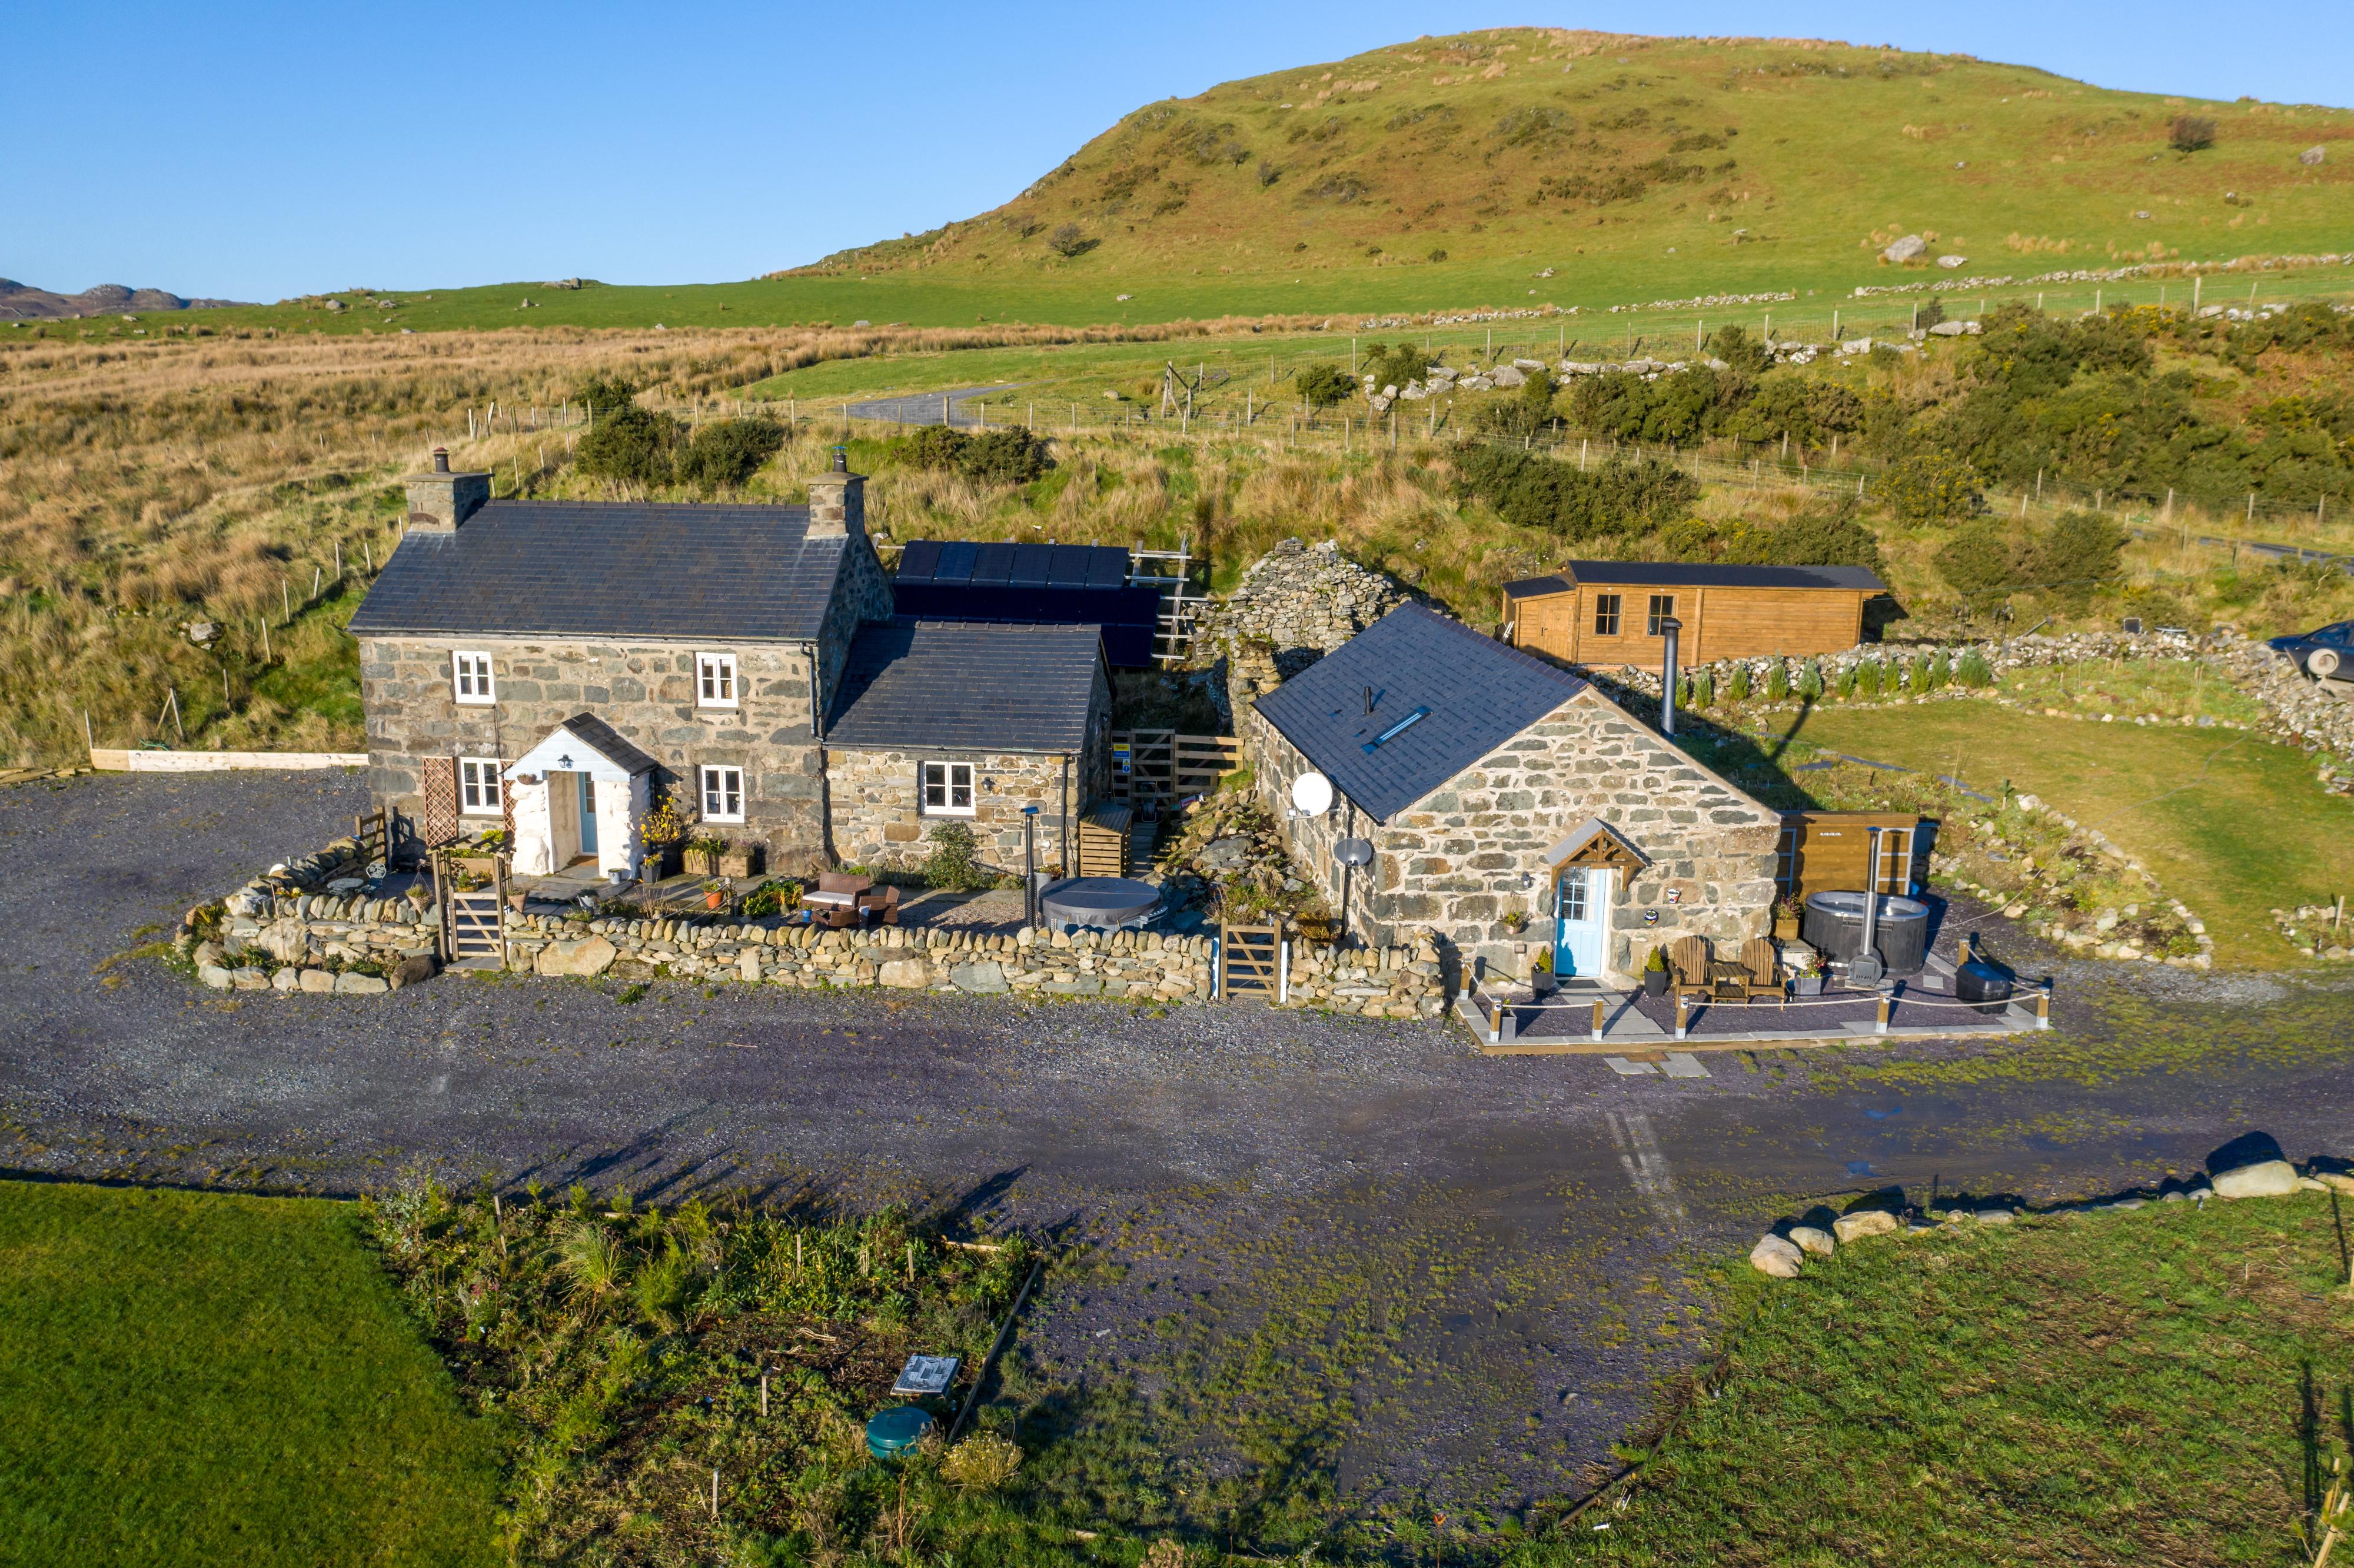 Cwm Pennant, Caernarfon, North Wales